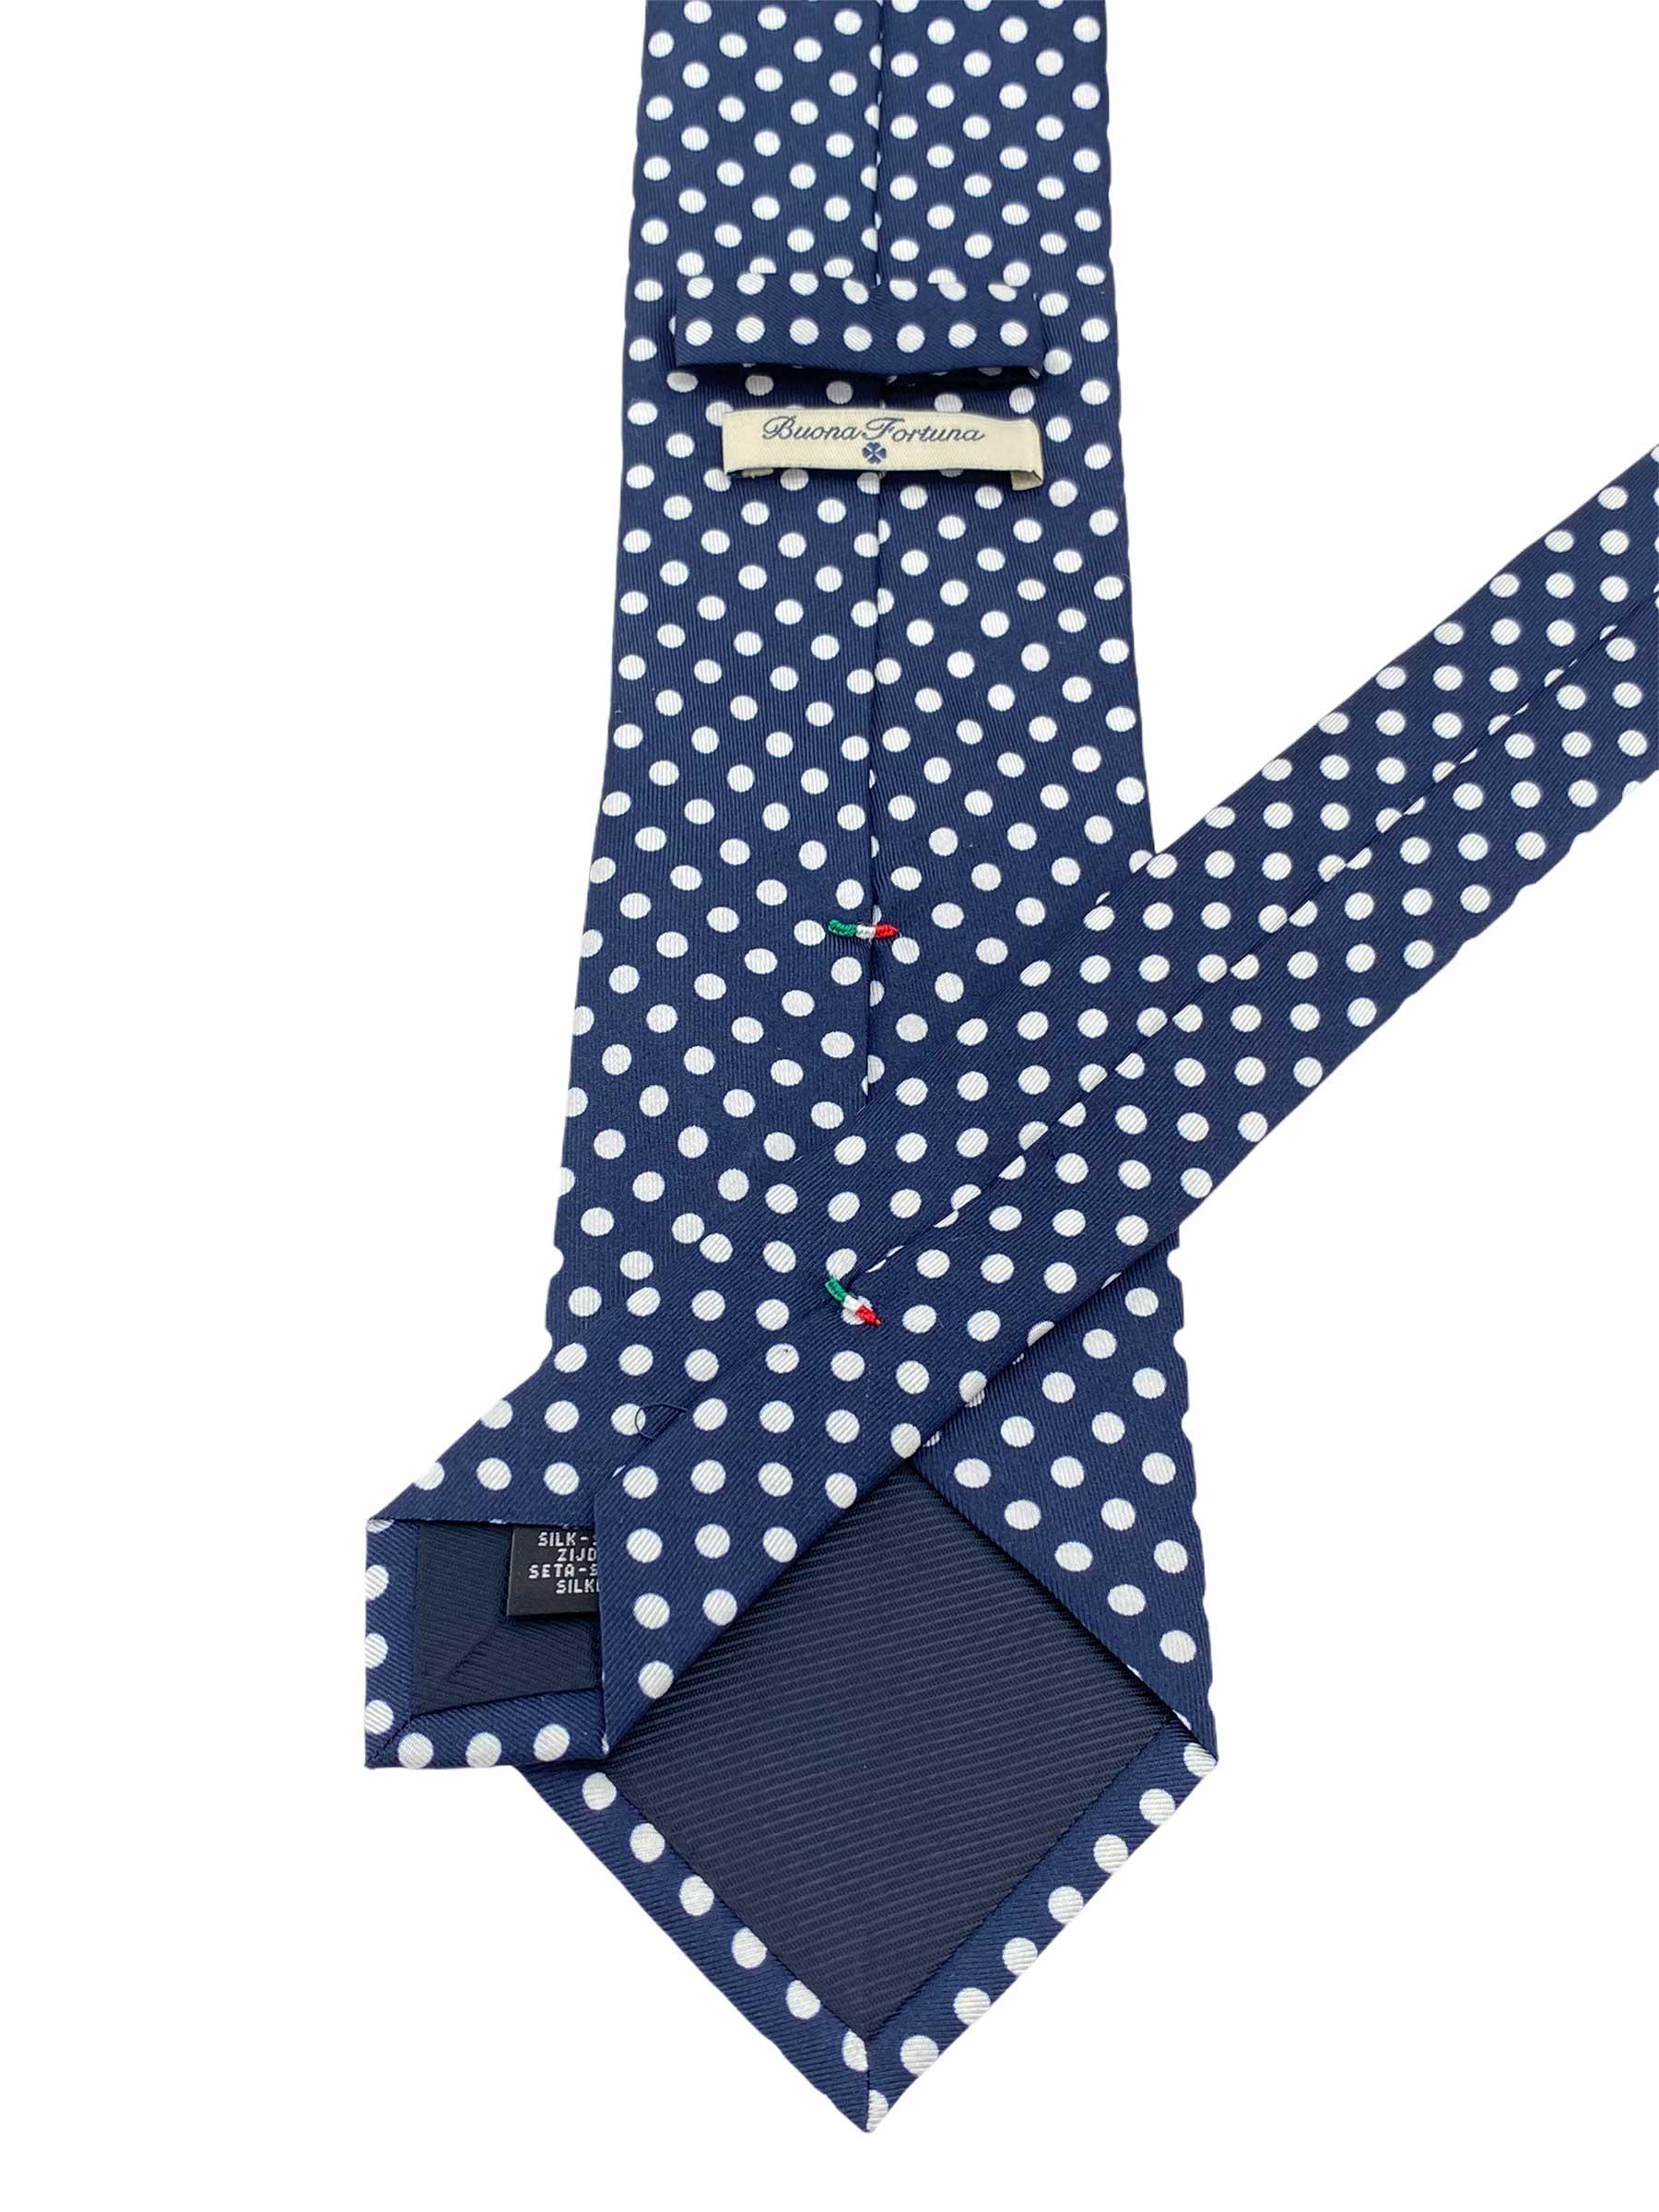 corbata tejida twill buona fortuna comprar online corbatas italianas exclusivas shop azul topos blancos